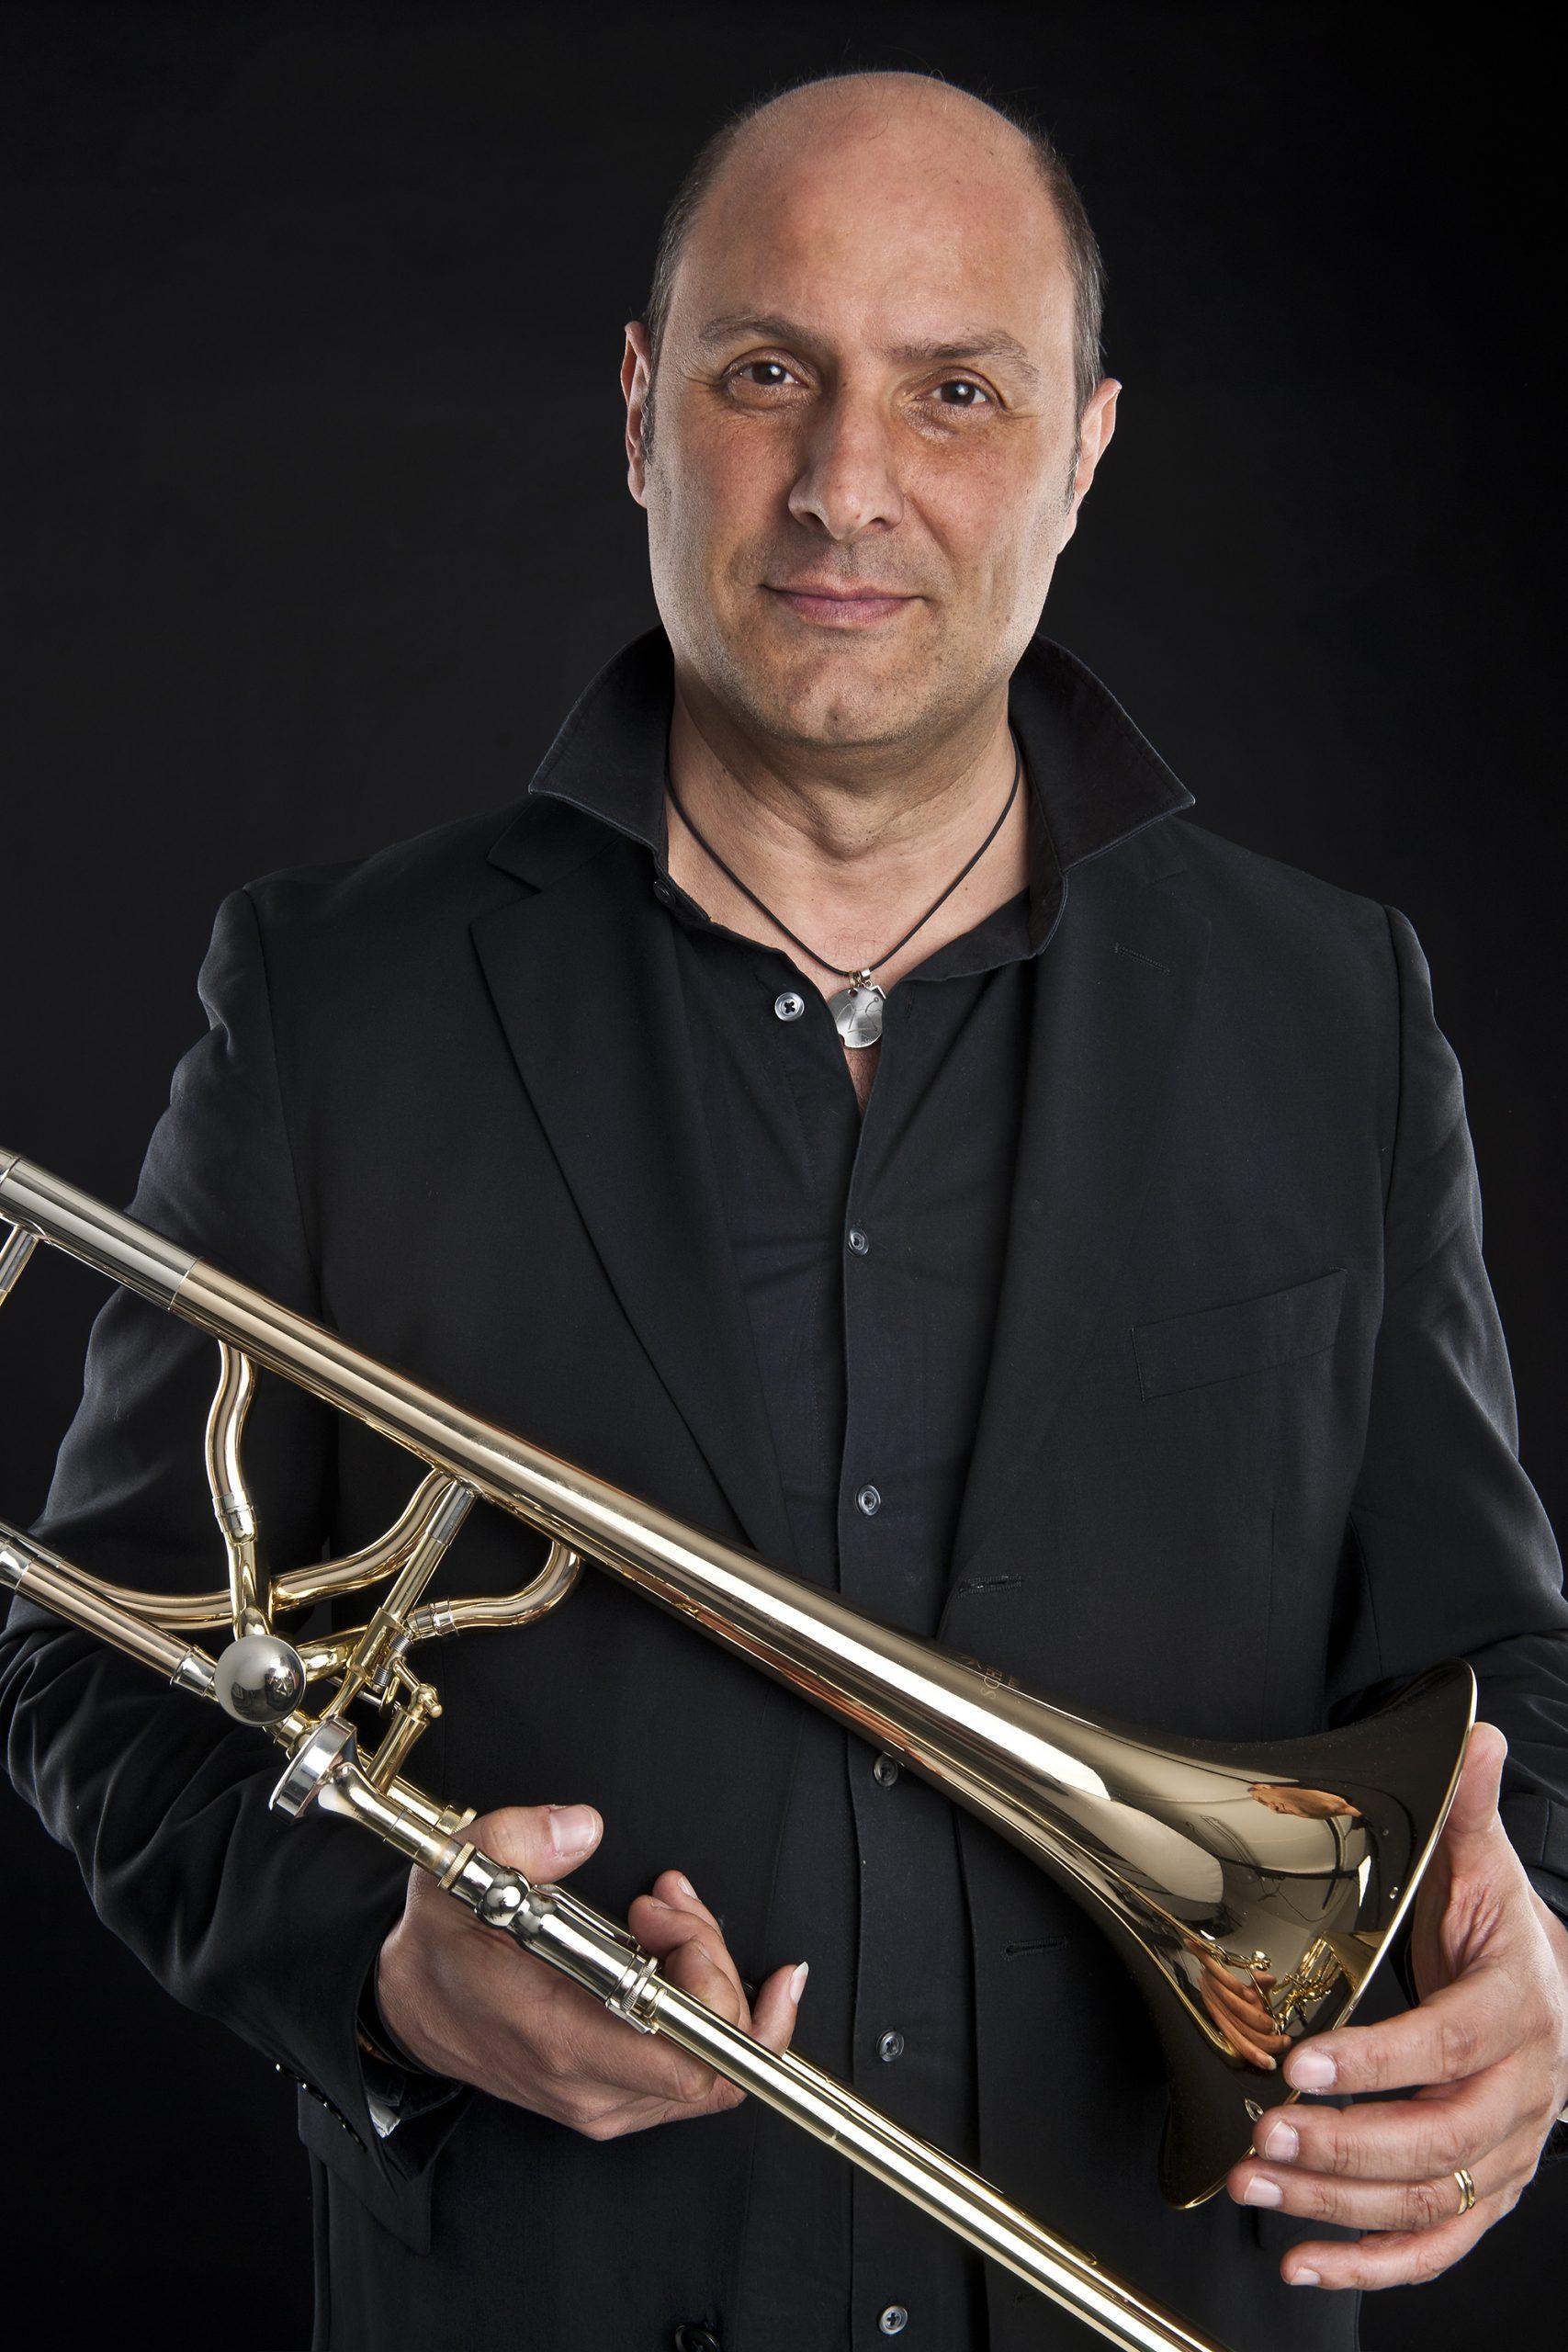 Lito Fontana (c) Oliver Kendl